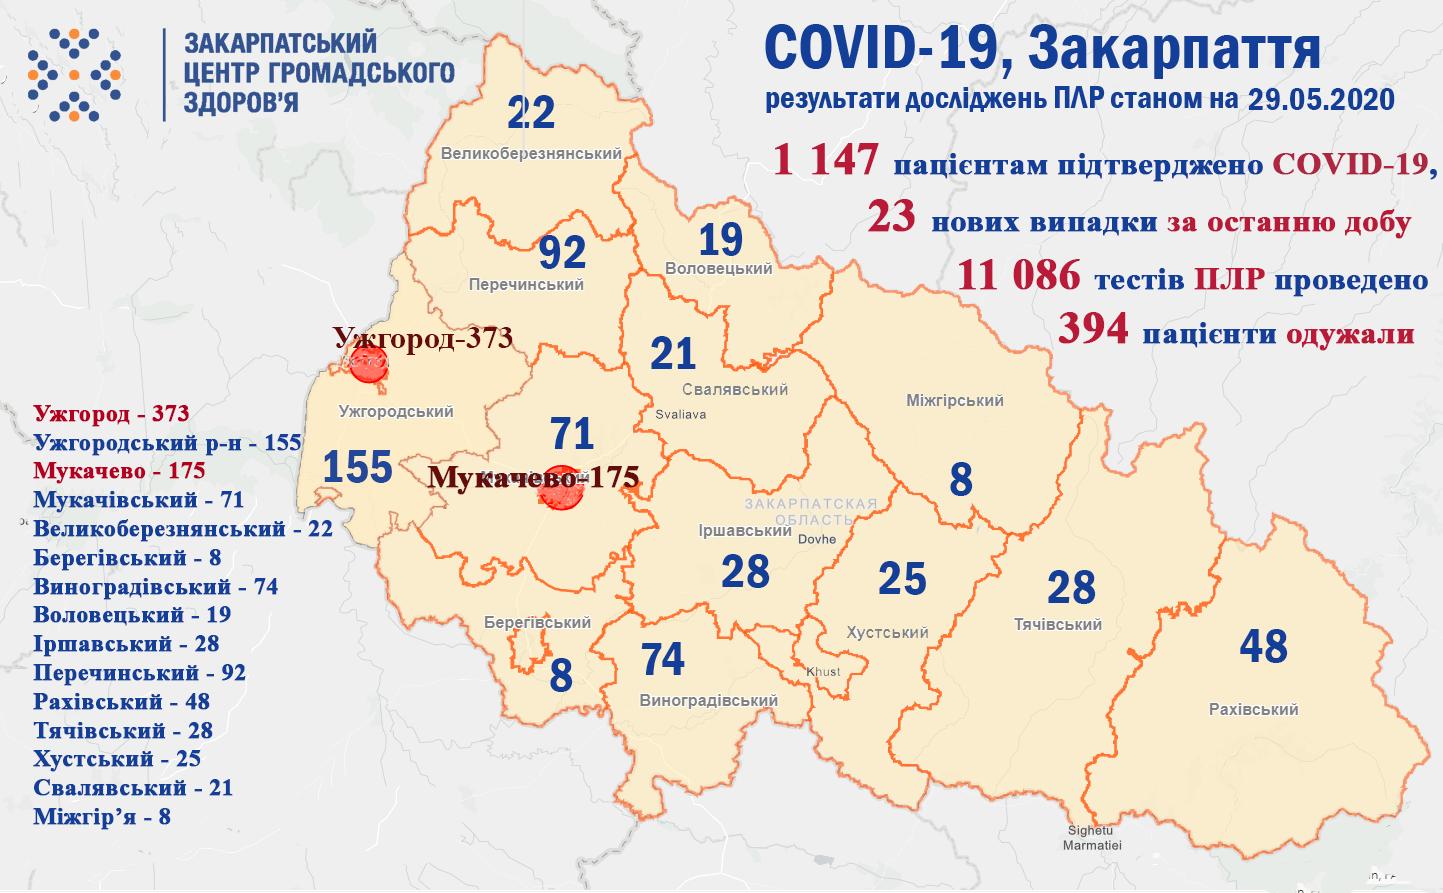 Оновились дані стосовно кількості хворих на коронавірус у Закарпатті